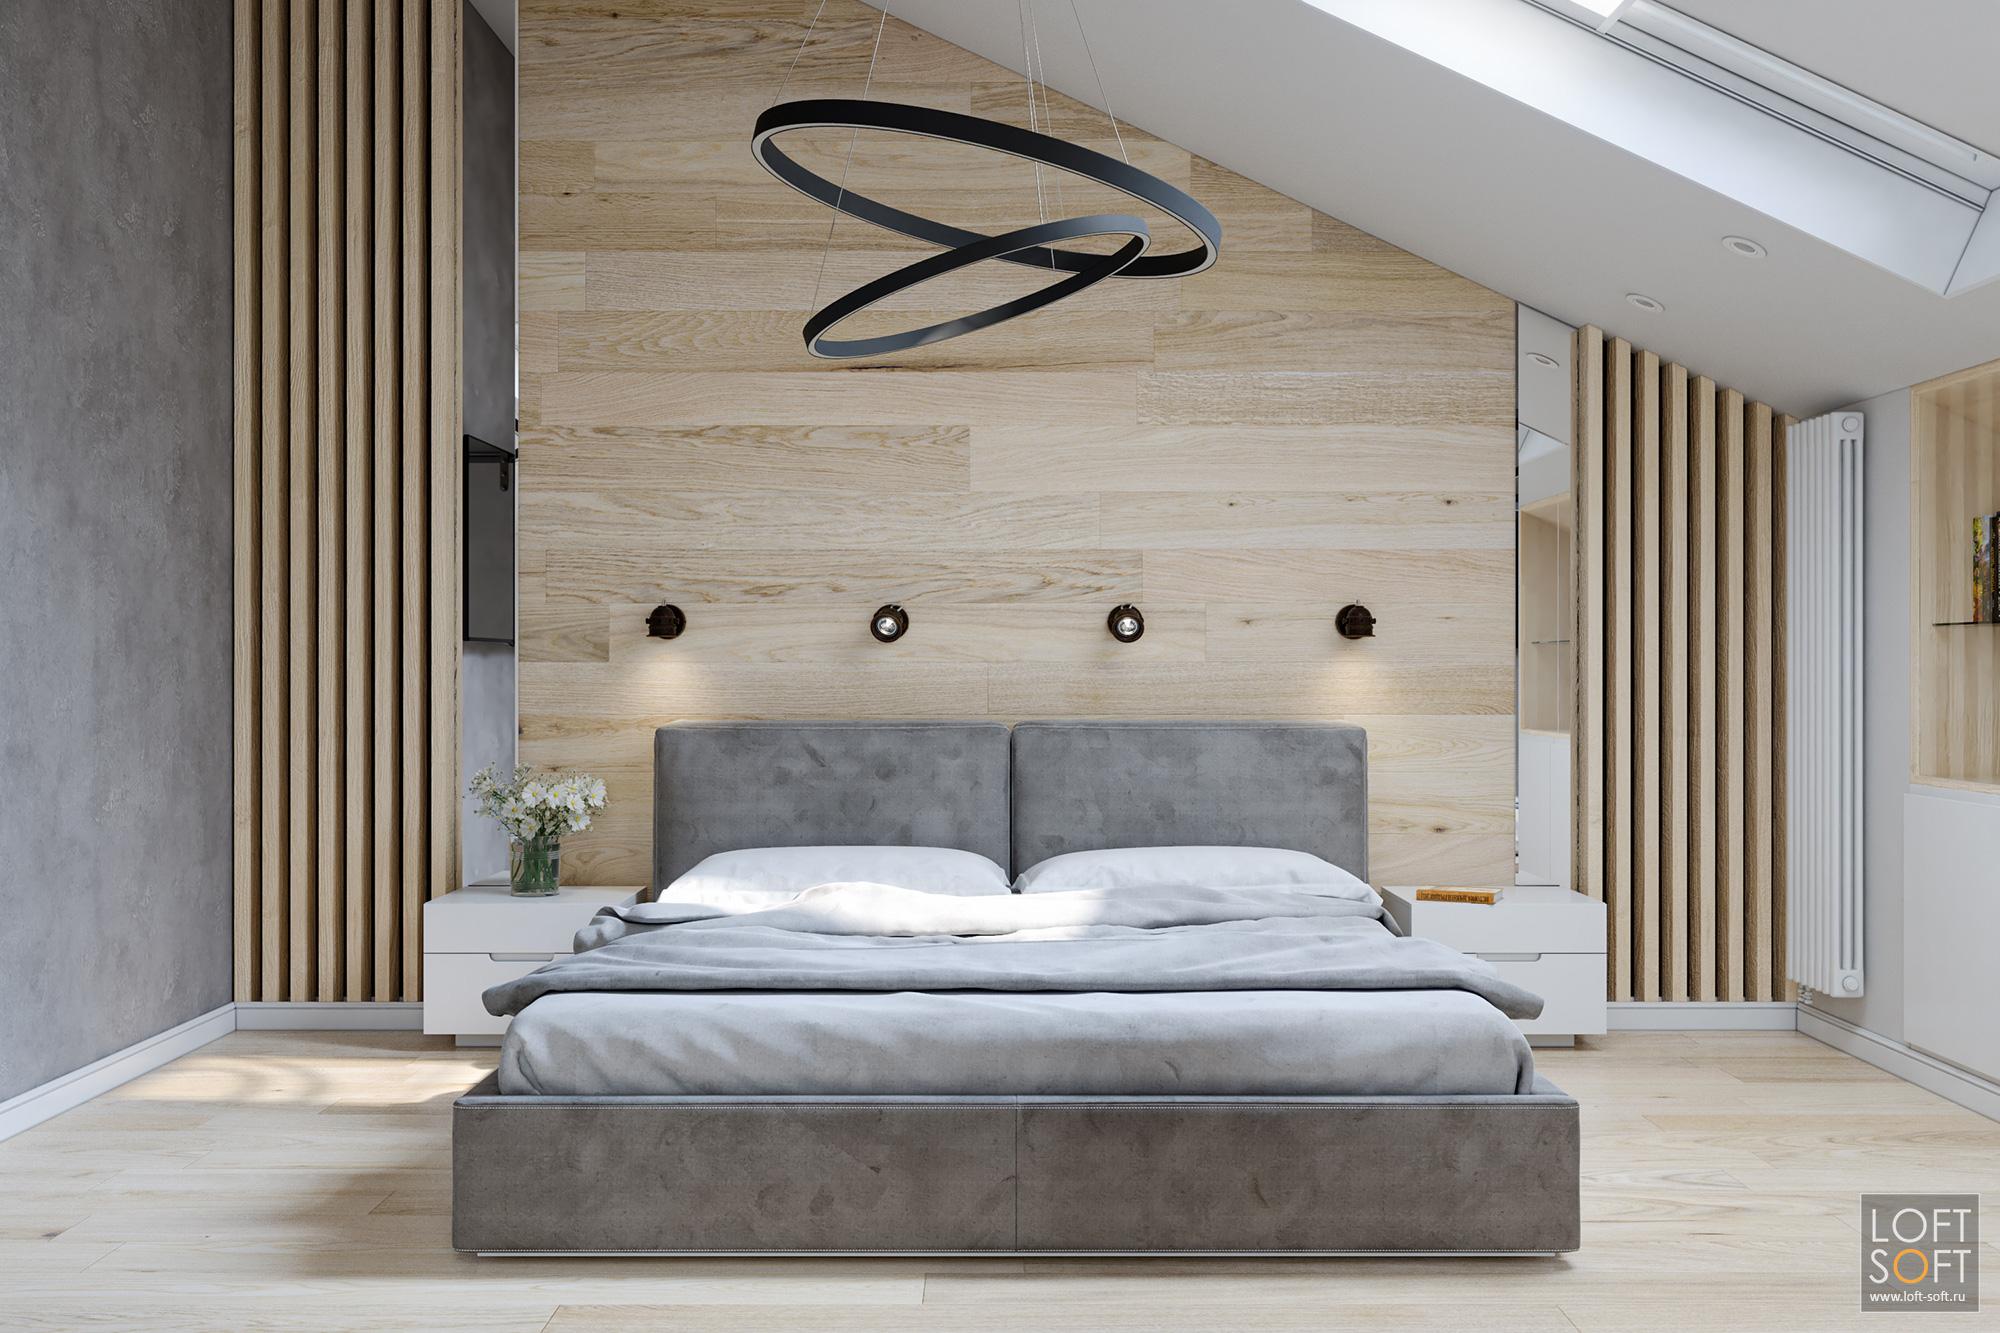 спальня всовременном стиле, современный минимализм винтерьере, рейки настене, ламинат закроватью